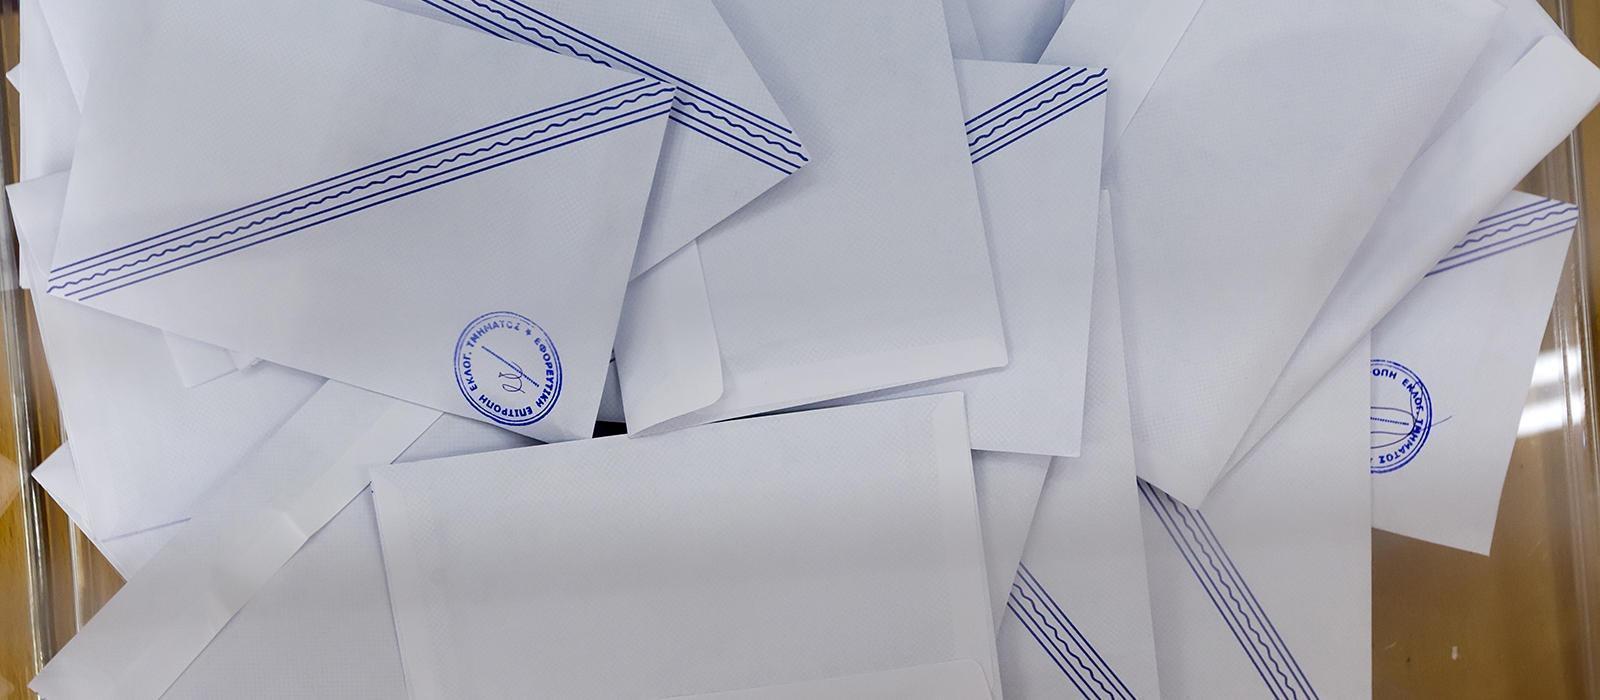 Εκλογές 2019: Πώς ψηφίζουν οι δικαστικοί αντιπρόσωποι